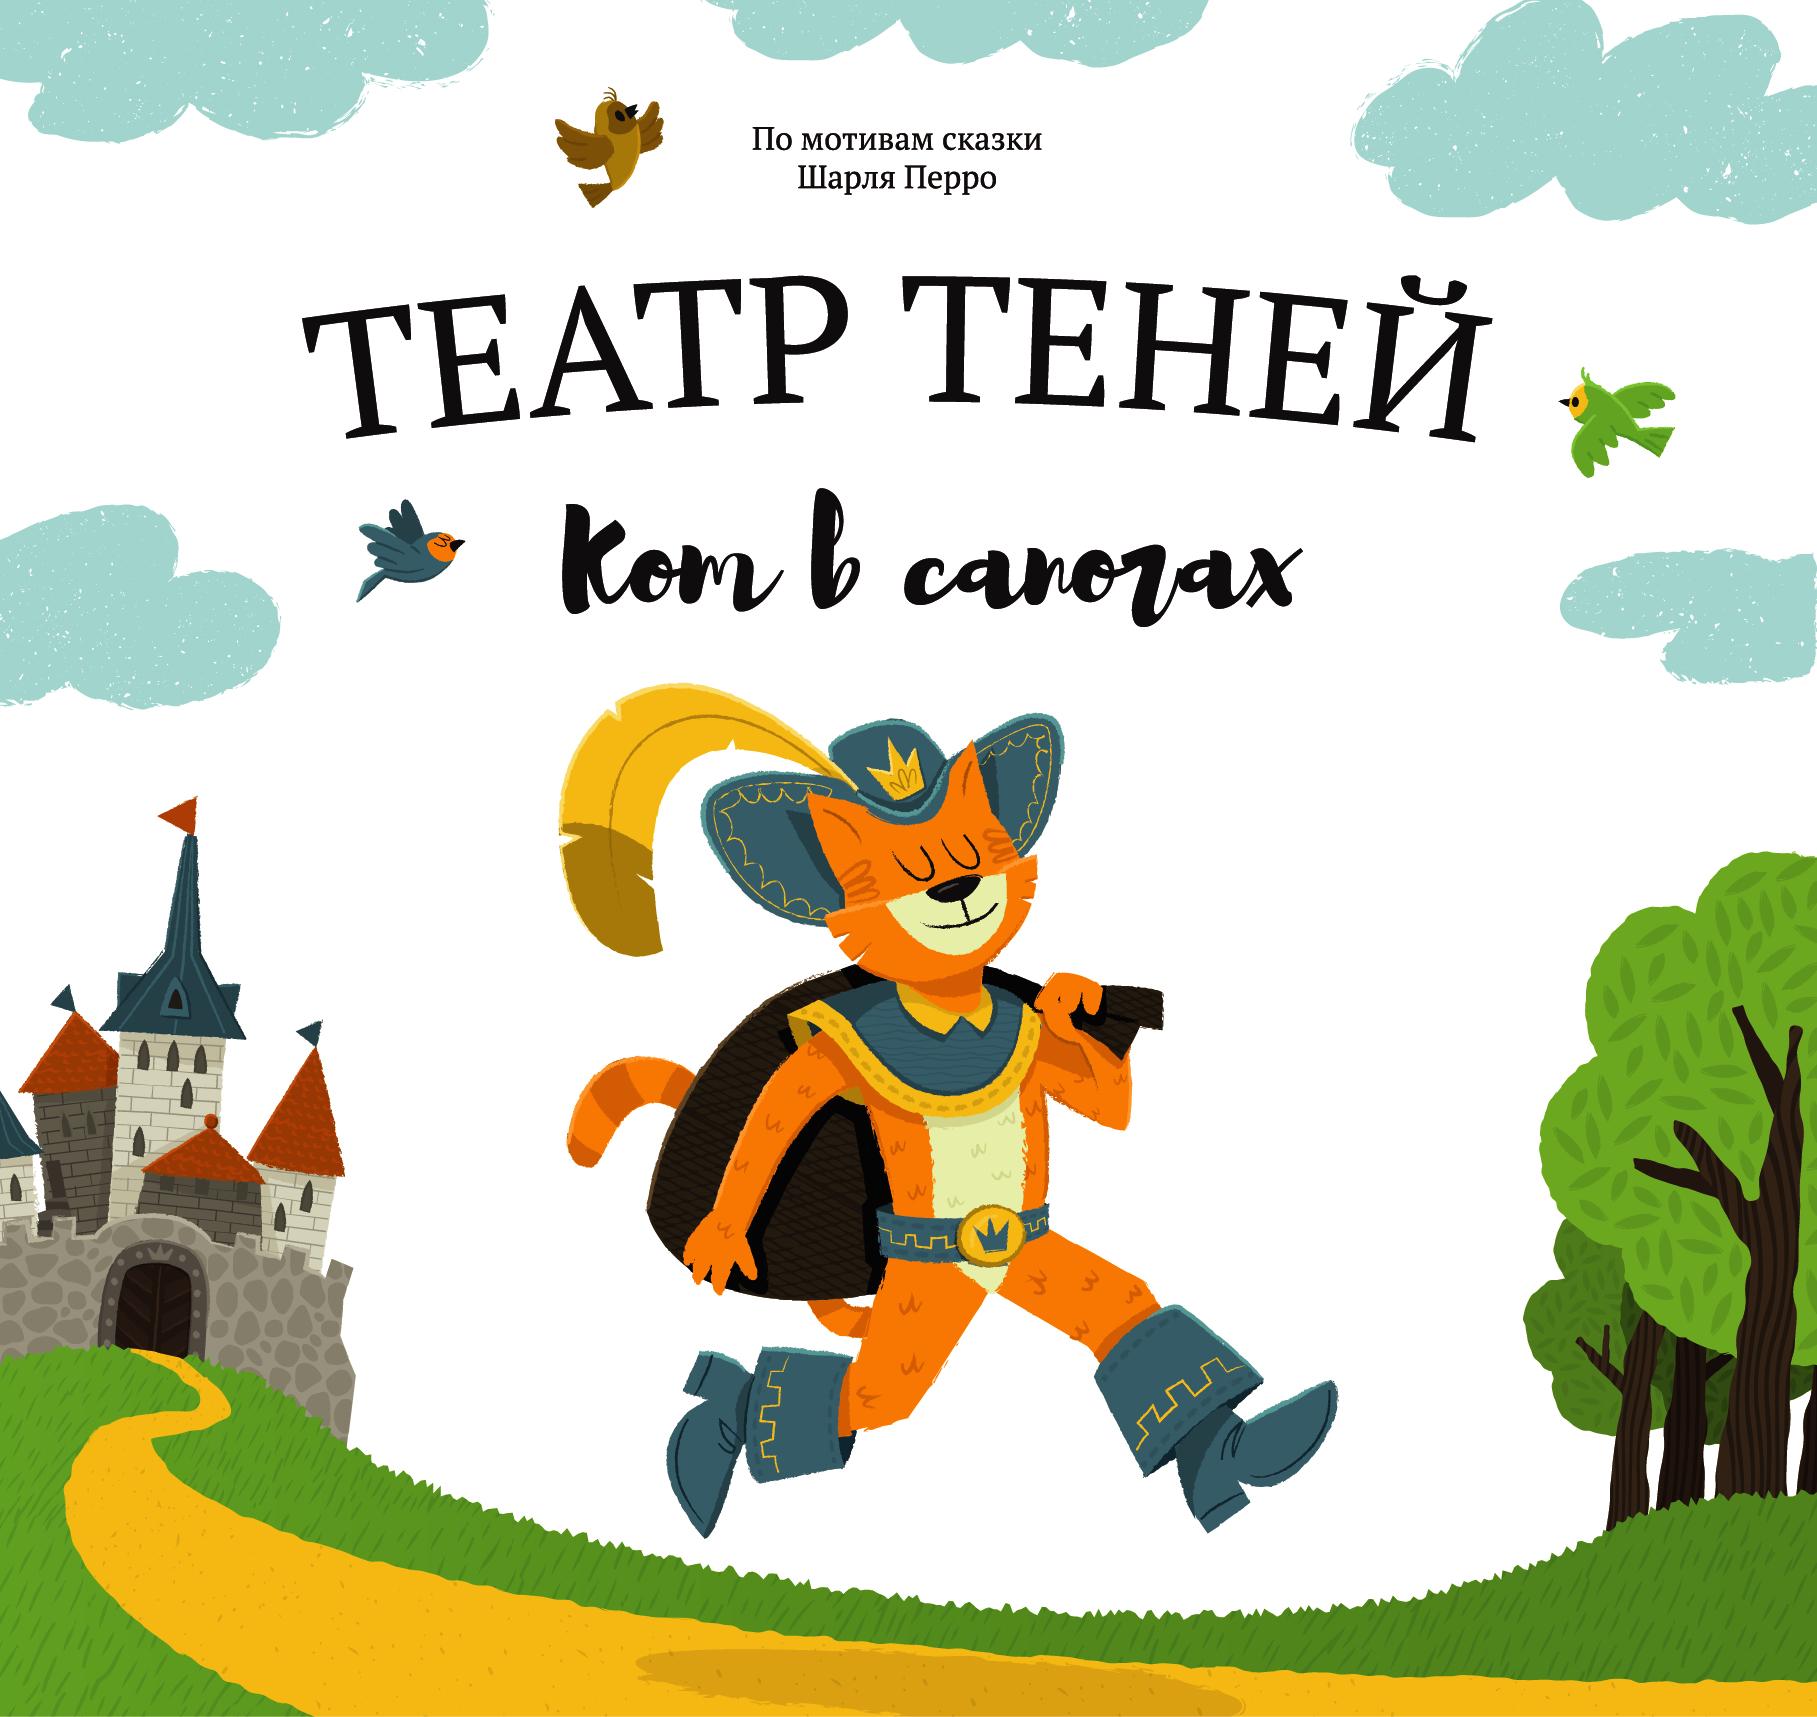 """Театр теней """"Кот в сапогах"""" ( Перро Шарль  )"""